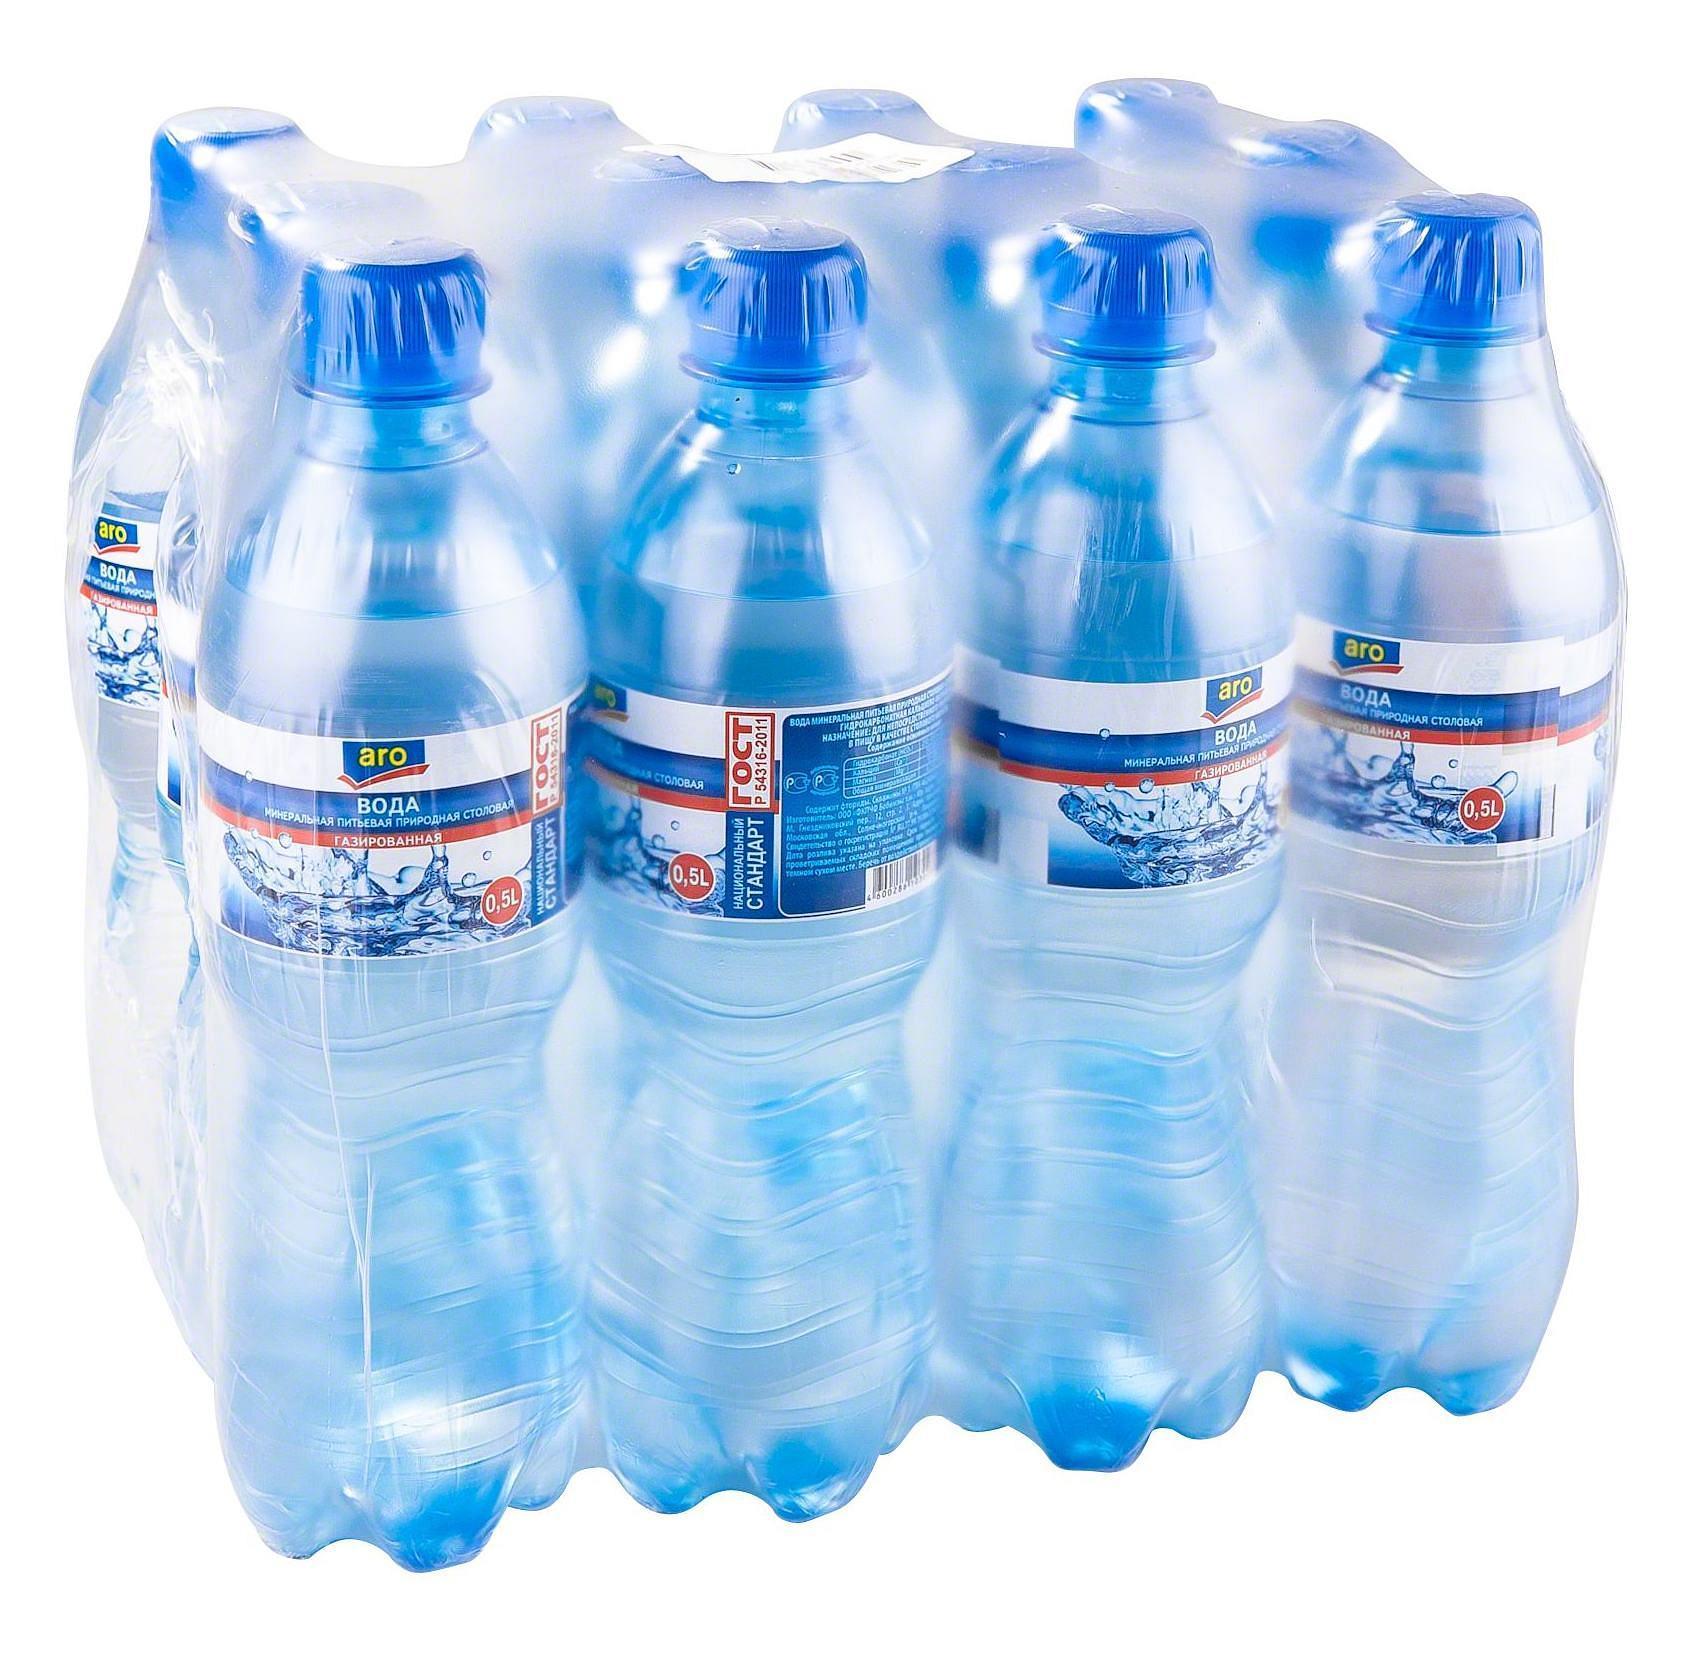 Вода Aro минеральная питьевая газированная